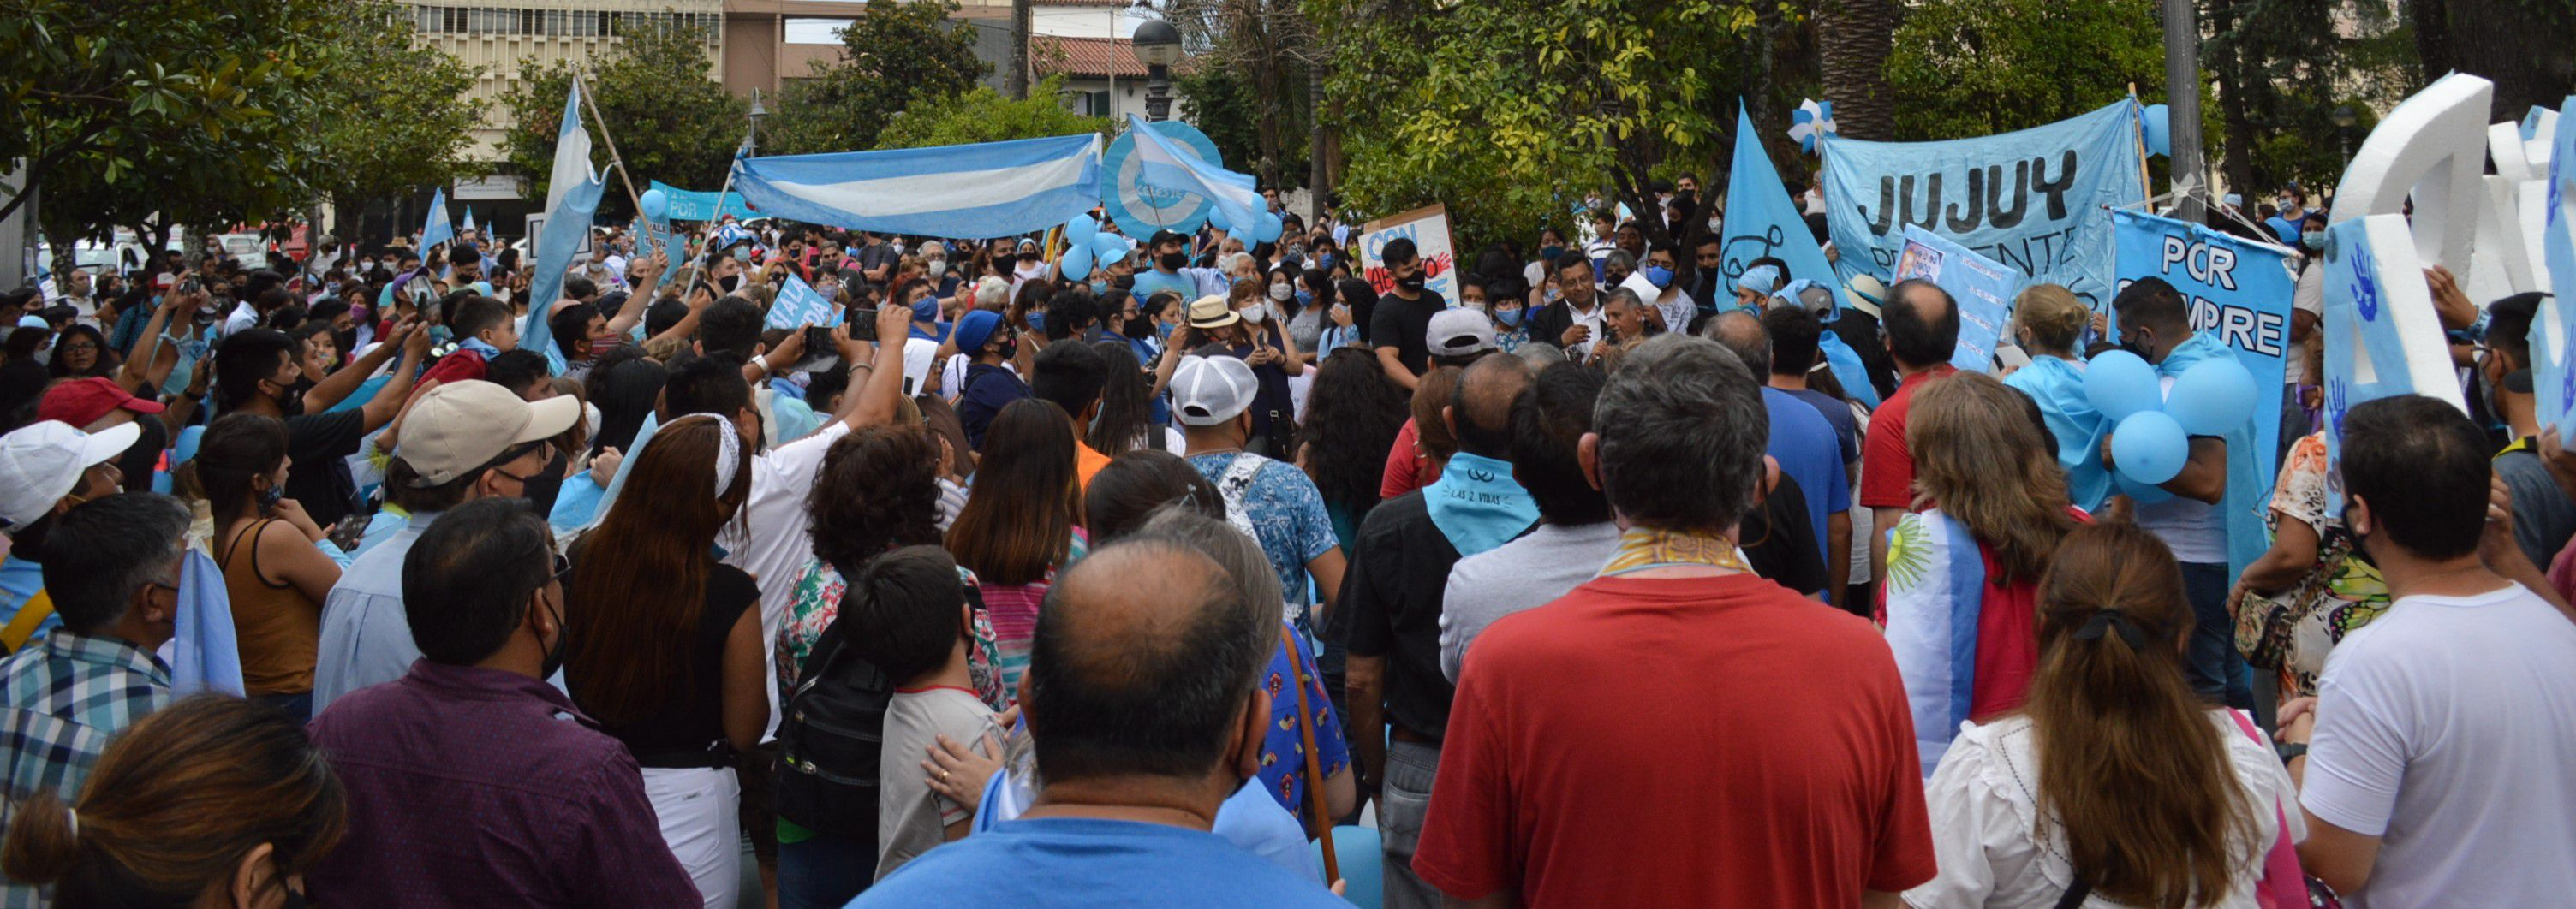 Cientos de personas respondieron este sábado a la convocatoria #28N, congregándose en una caravana y marcha en la capital jujeña.